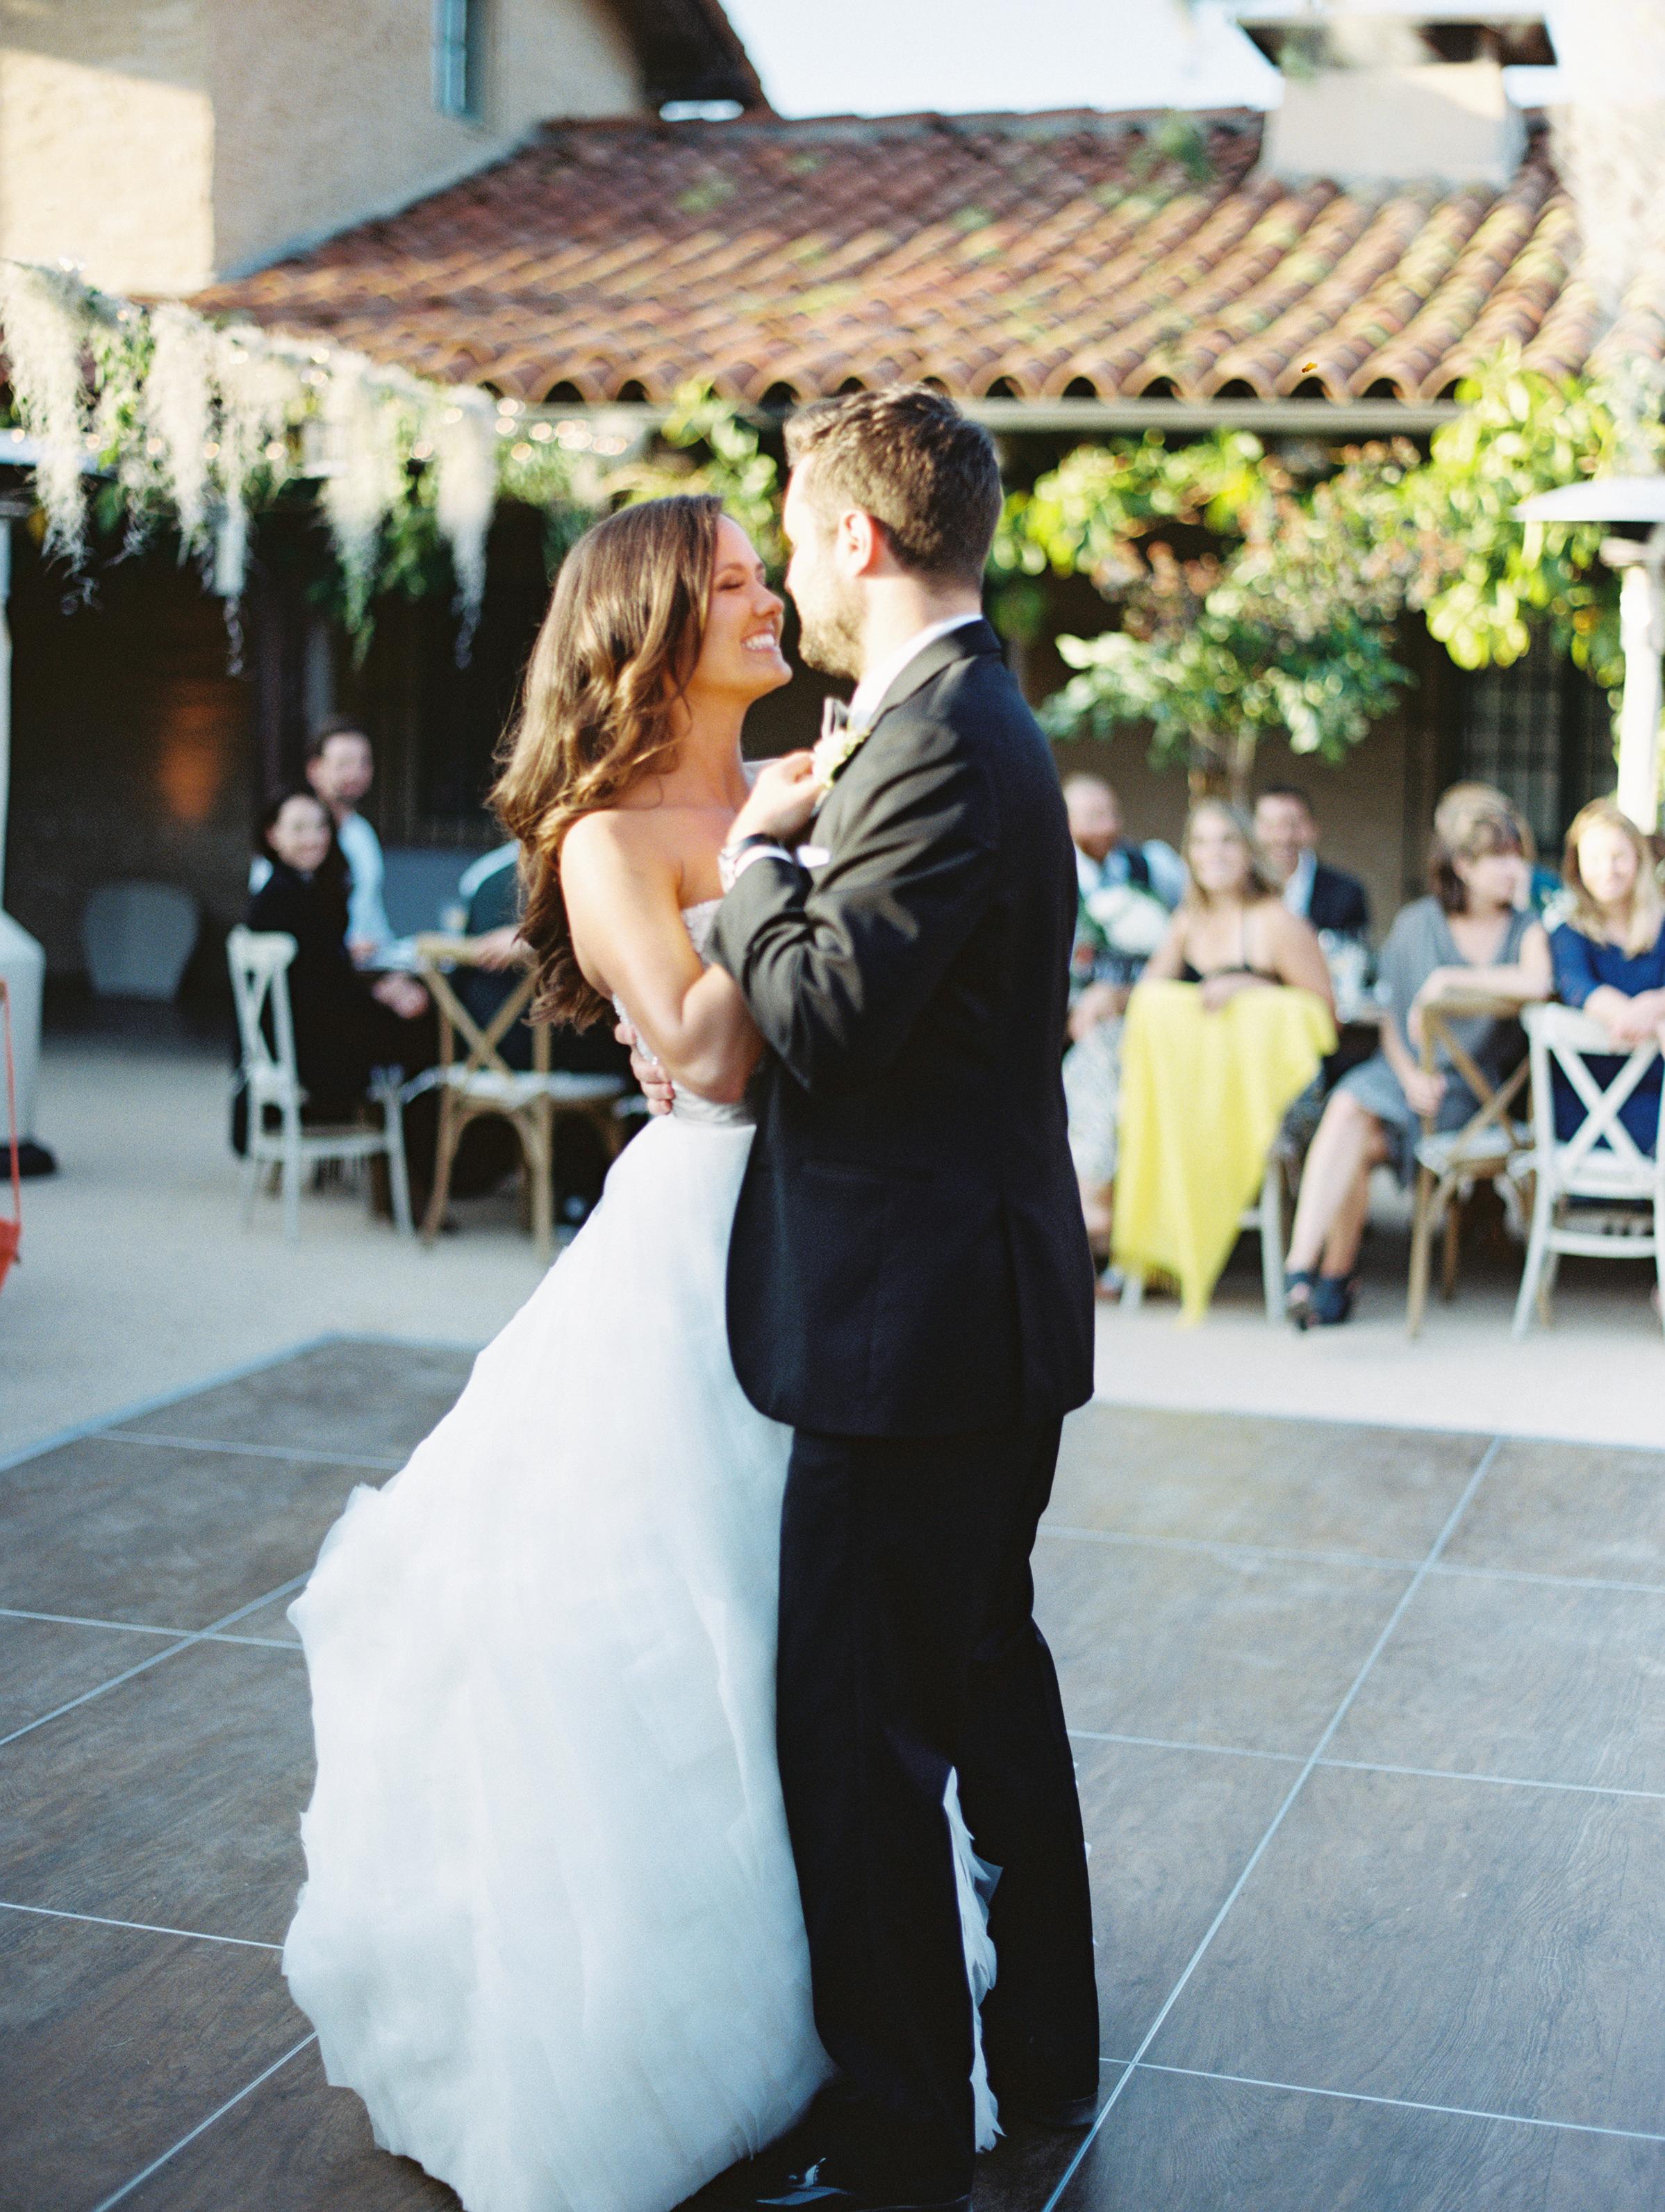 happy_couple_dancing.jpg